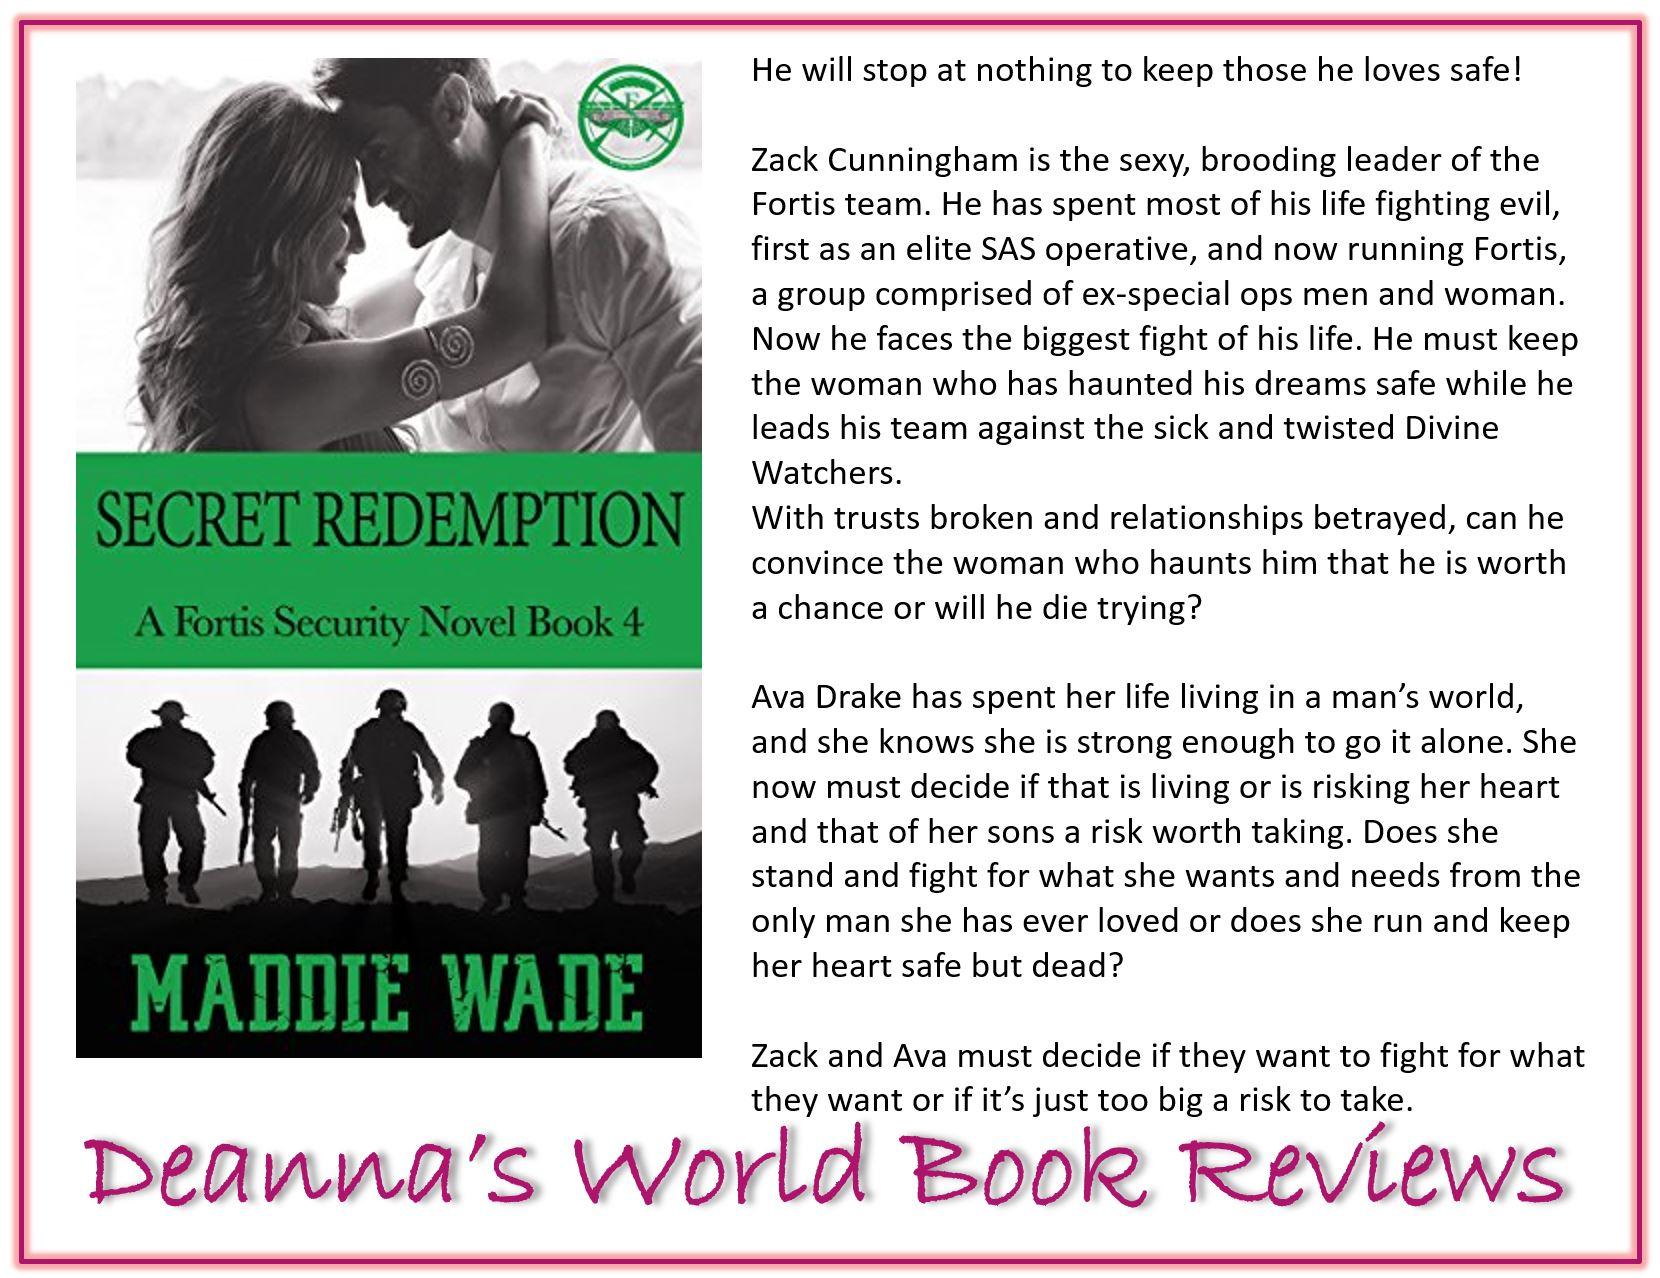 Secret Redemption by Maddie Wade blurb